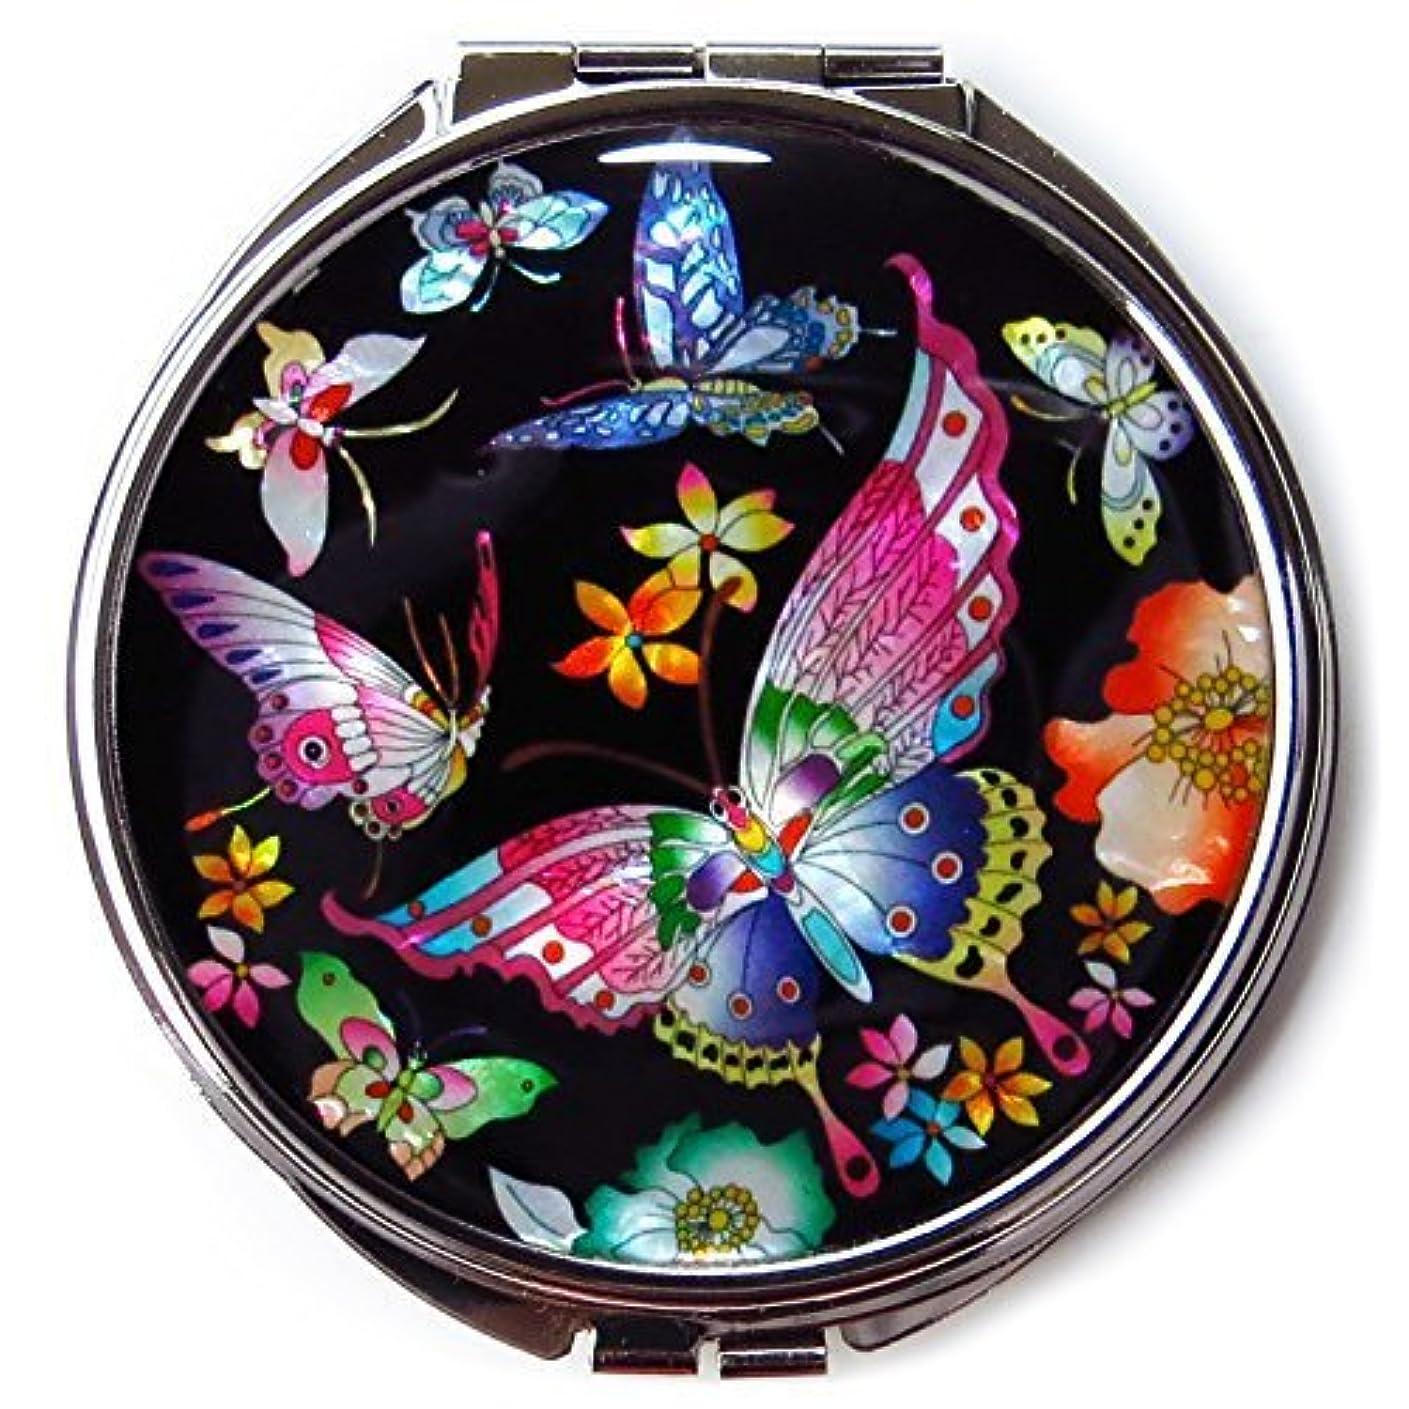 ロデオ口実MADDesign #3黒真珠金属蝶の韓国化粧コンパクトミラー母 黒、赤、黄、青、ピンク、緑、紫 [並行輸入品]